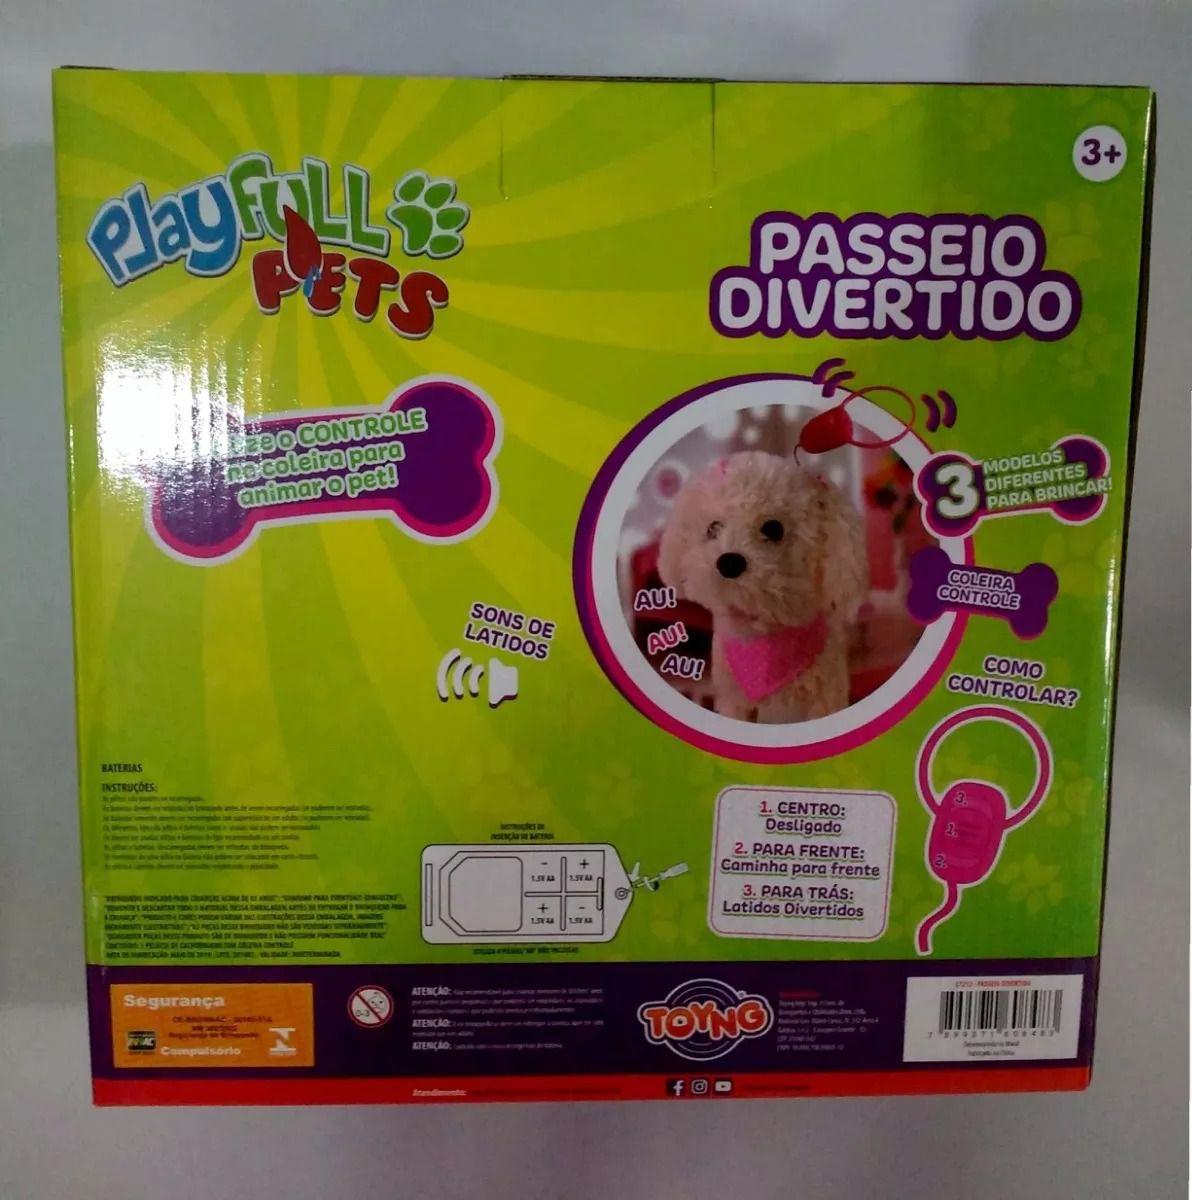 Cachorrinho Branco Play Full Pets Coleira Com Controle - Anda e Late- Toyng  - Doce Diversão